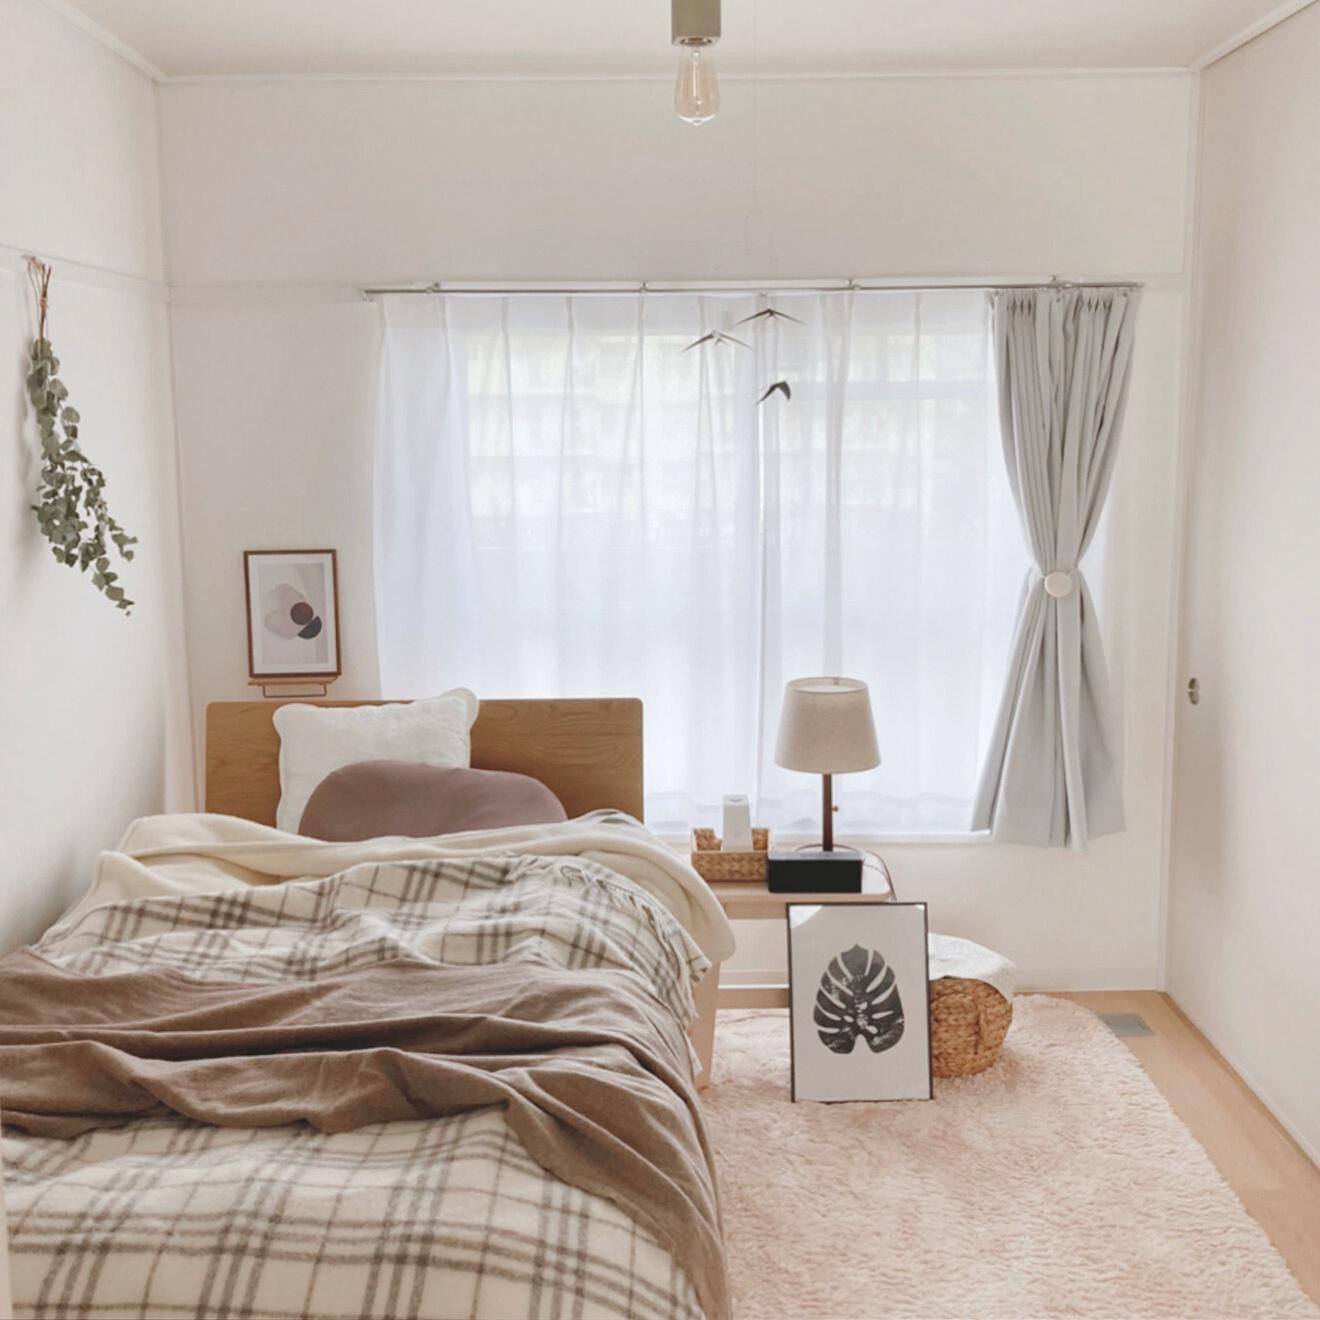 無印良品のベッドを置いて、寝るのに集中できる、シンプルで落ち着いた空間を作られています。